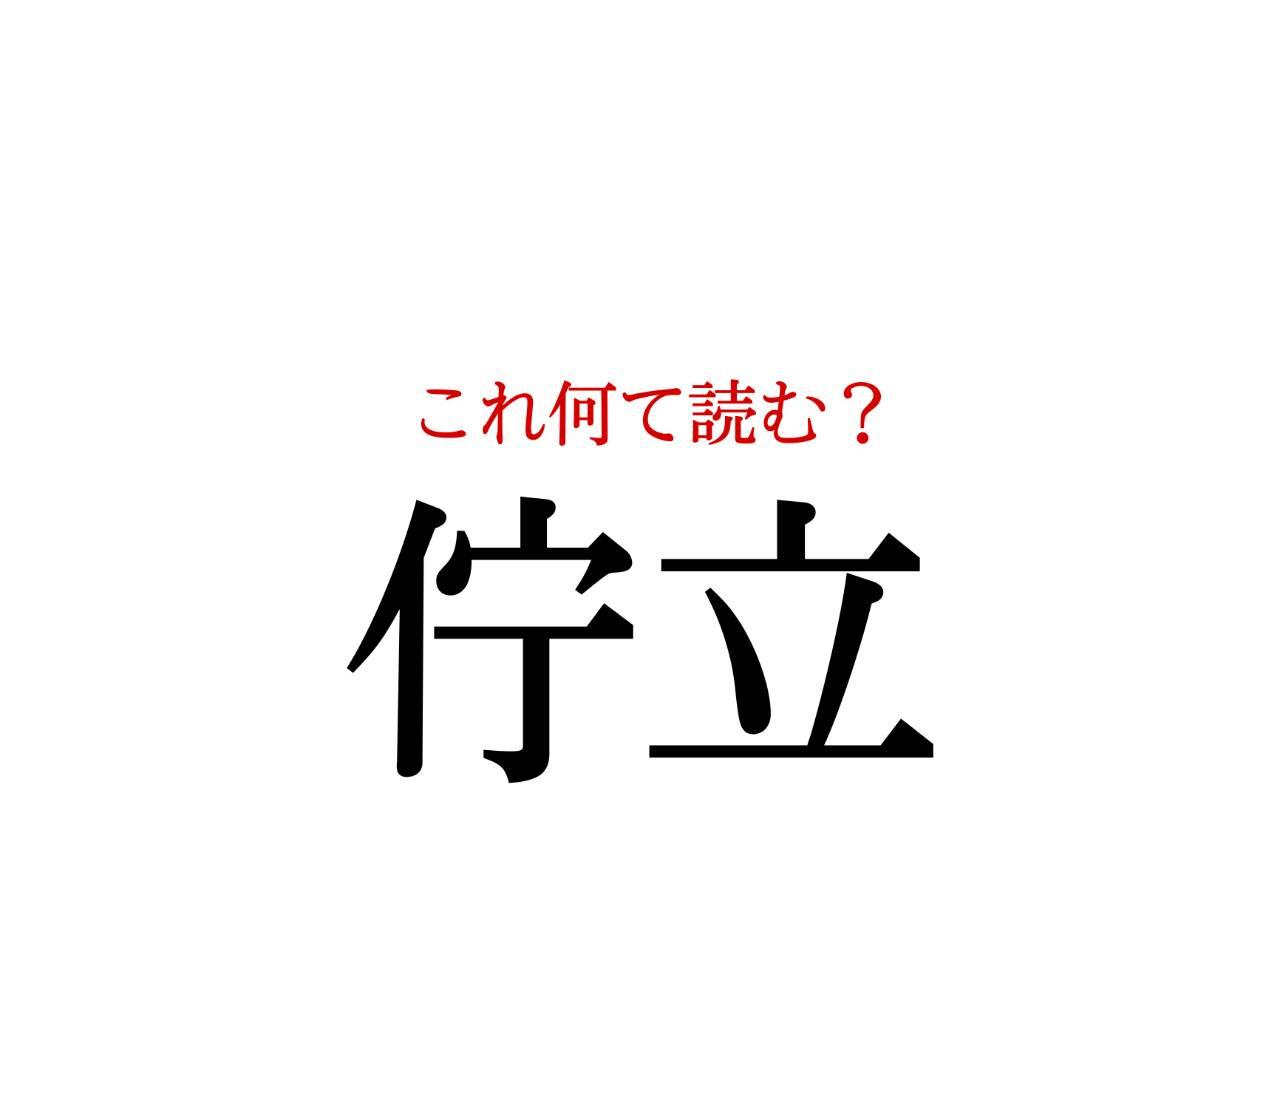 「佇立」:この漢字、自信を持って読めますか?【働く大人の漢字クイズvol.119】